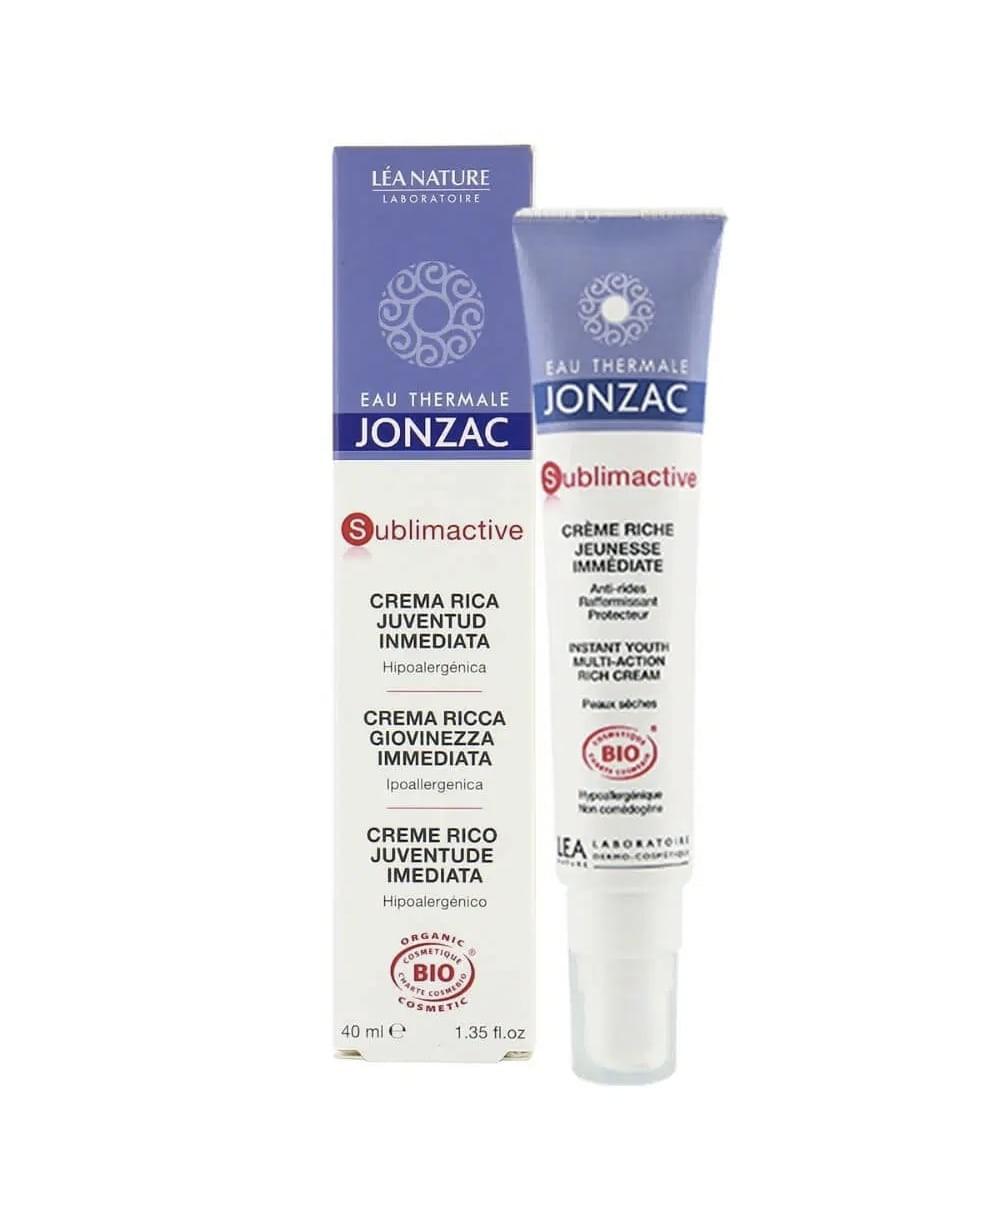 Jonzac Sublimactive Crema Rica Efecto Juventud Inmediata 40 ml Tu Cruz Verde